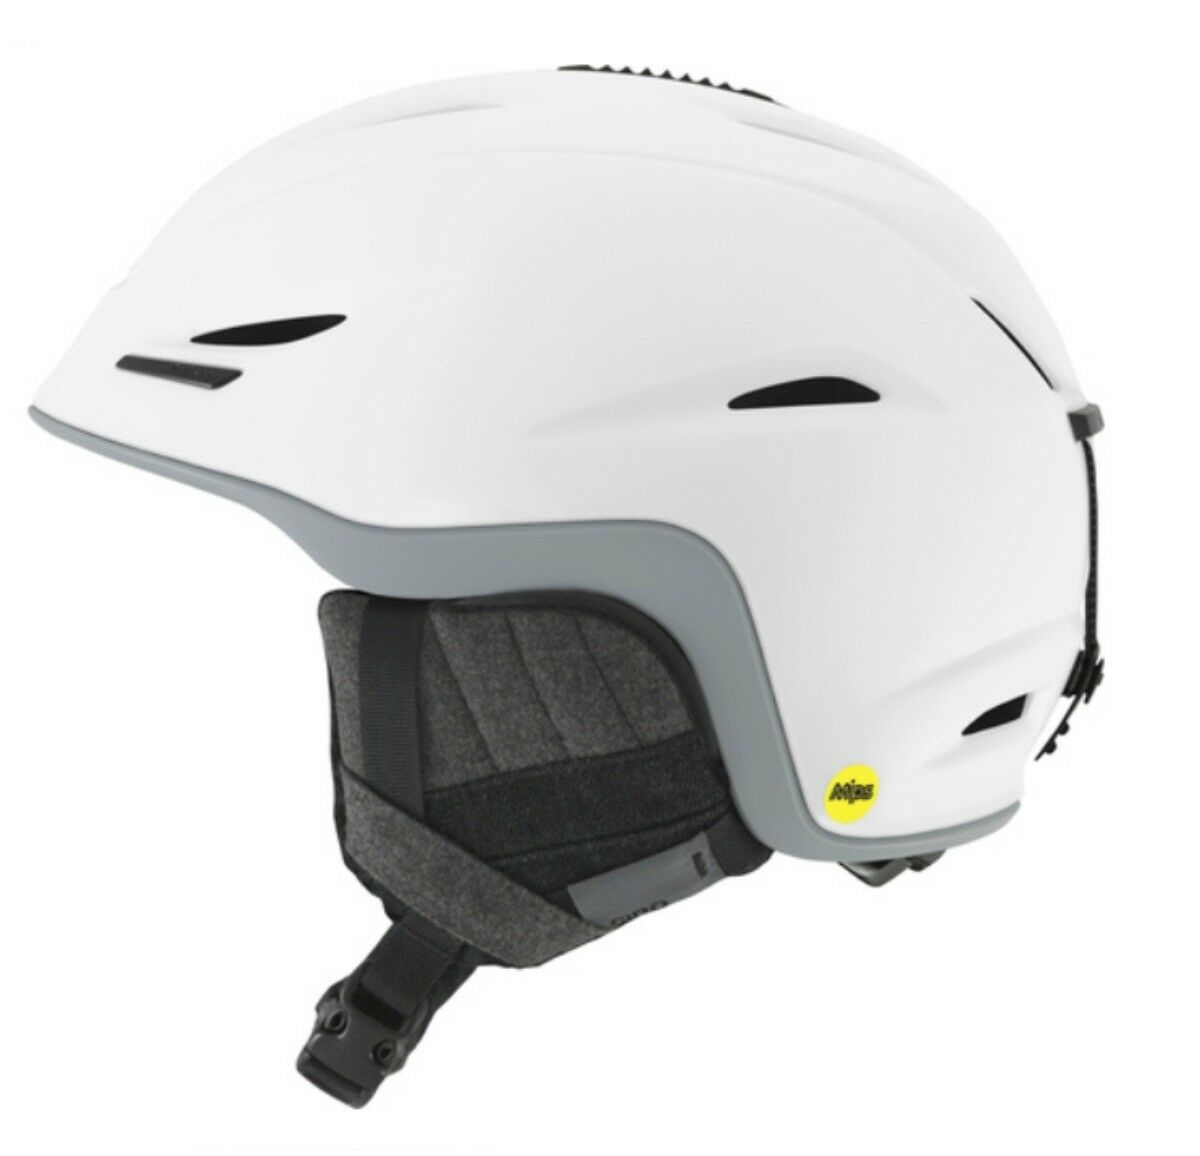 Giro Union Mips Skihelm Snowboardhelm mat Weiß 240097